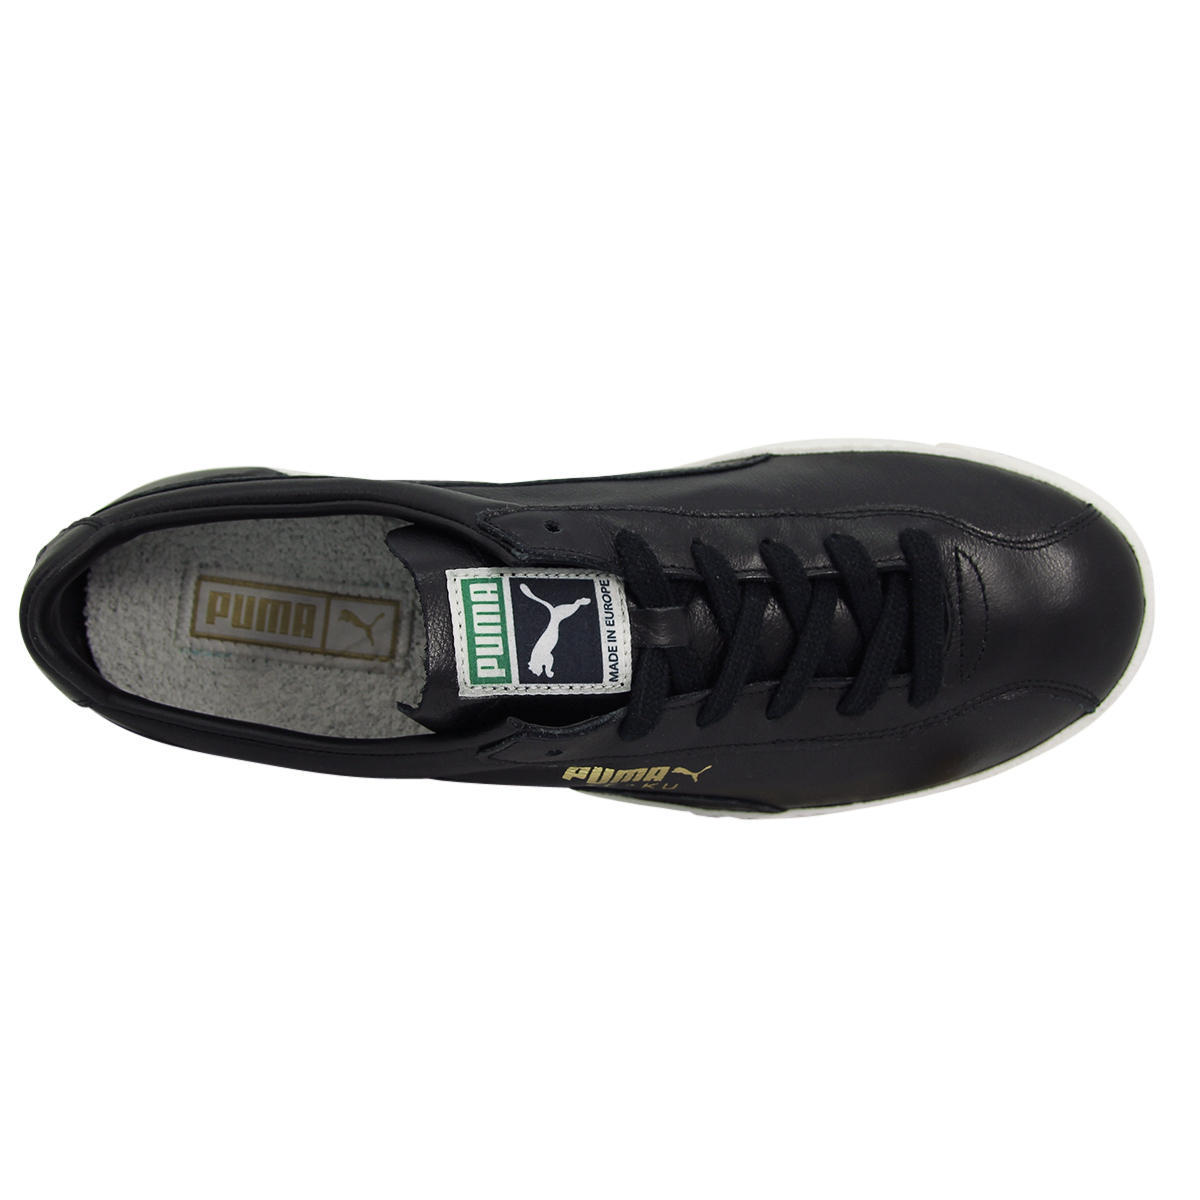 ku Core basse basse You Core You basse Sneakers Sneakers ku You Sneakers 5Sq7xX